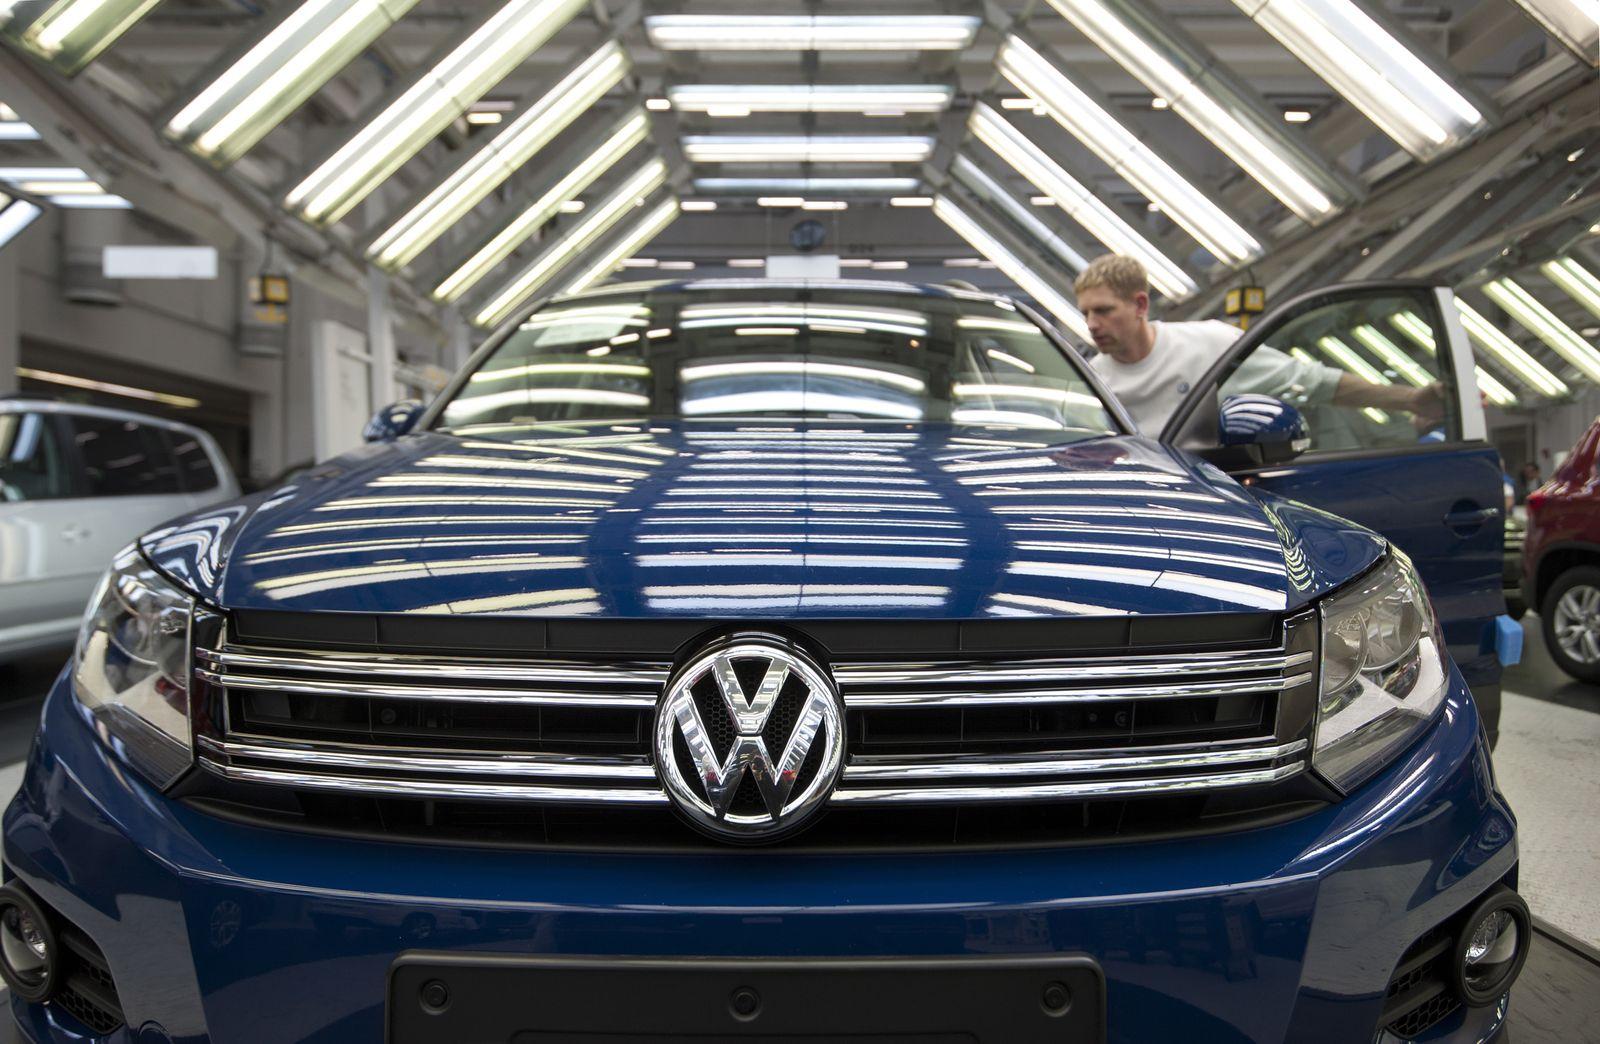 NICHT VERWENDEN VW / Volkswagen